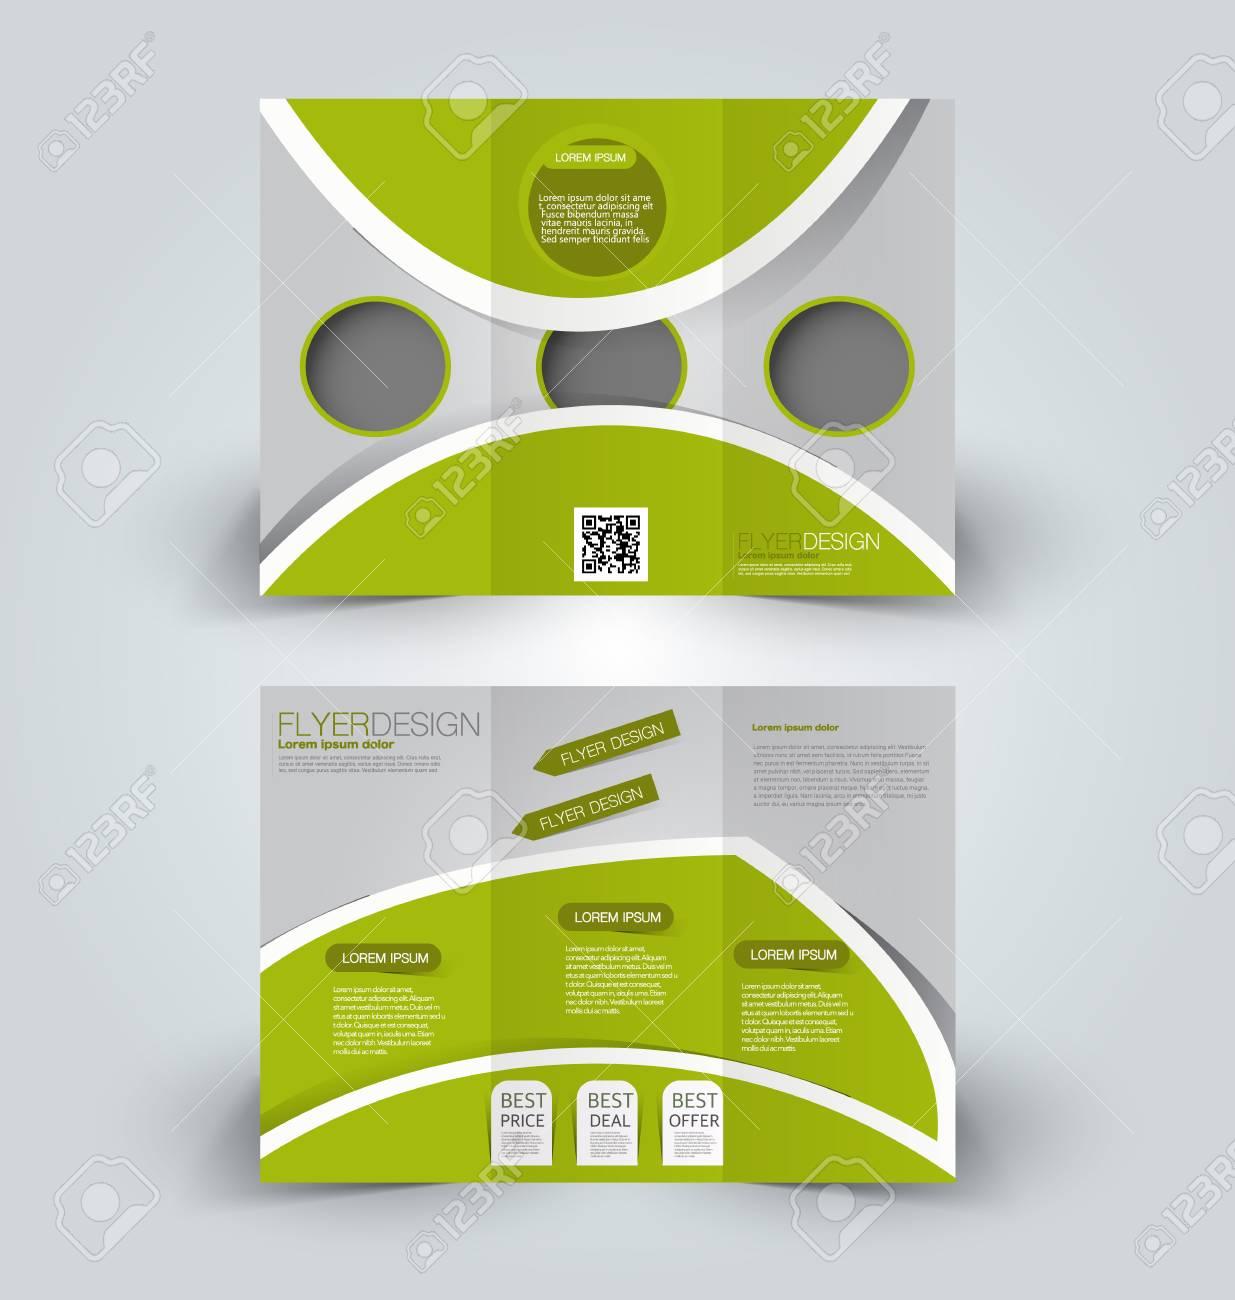 Folleto Maqueta Plantilla De Diseño Para Los Negocios, La Educación ...